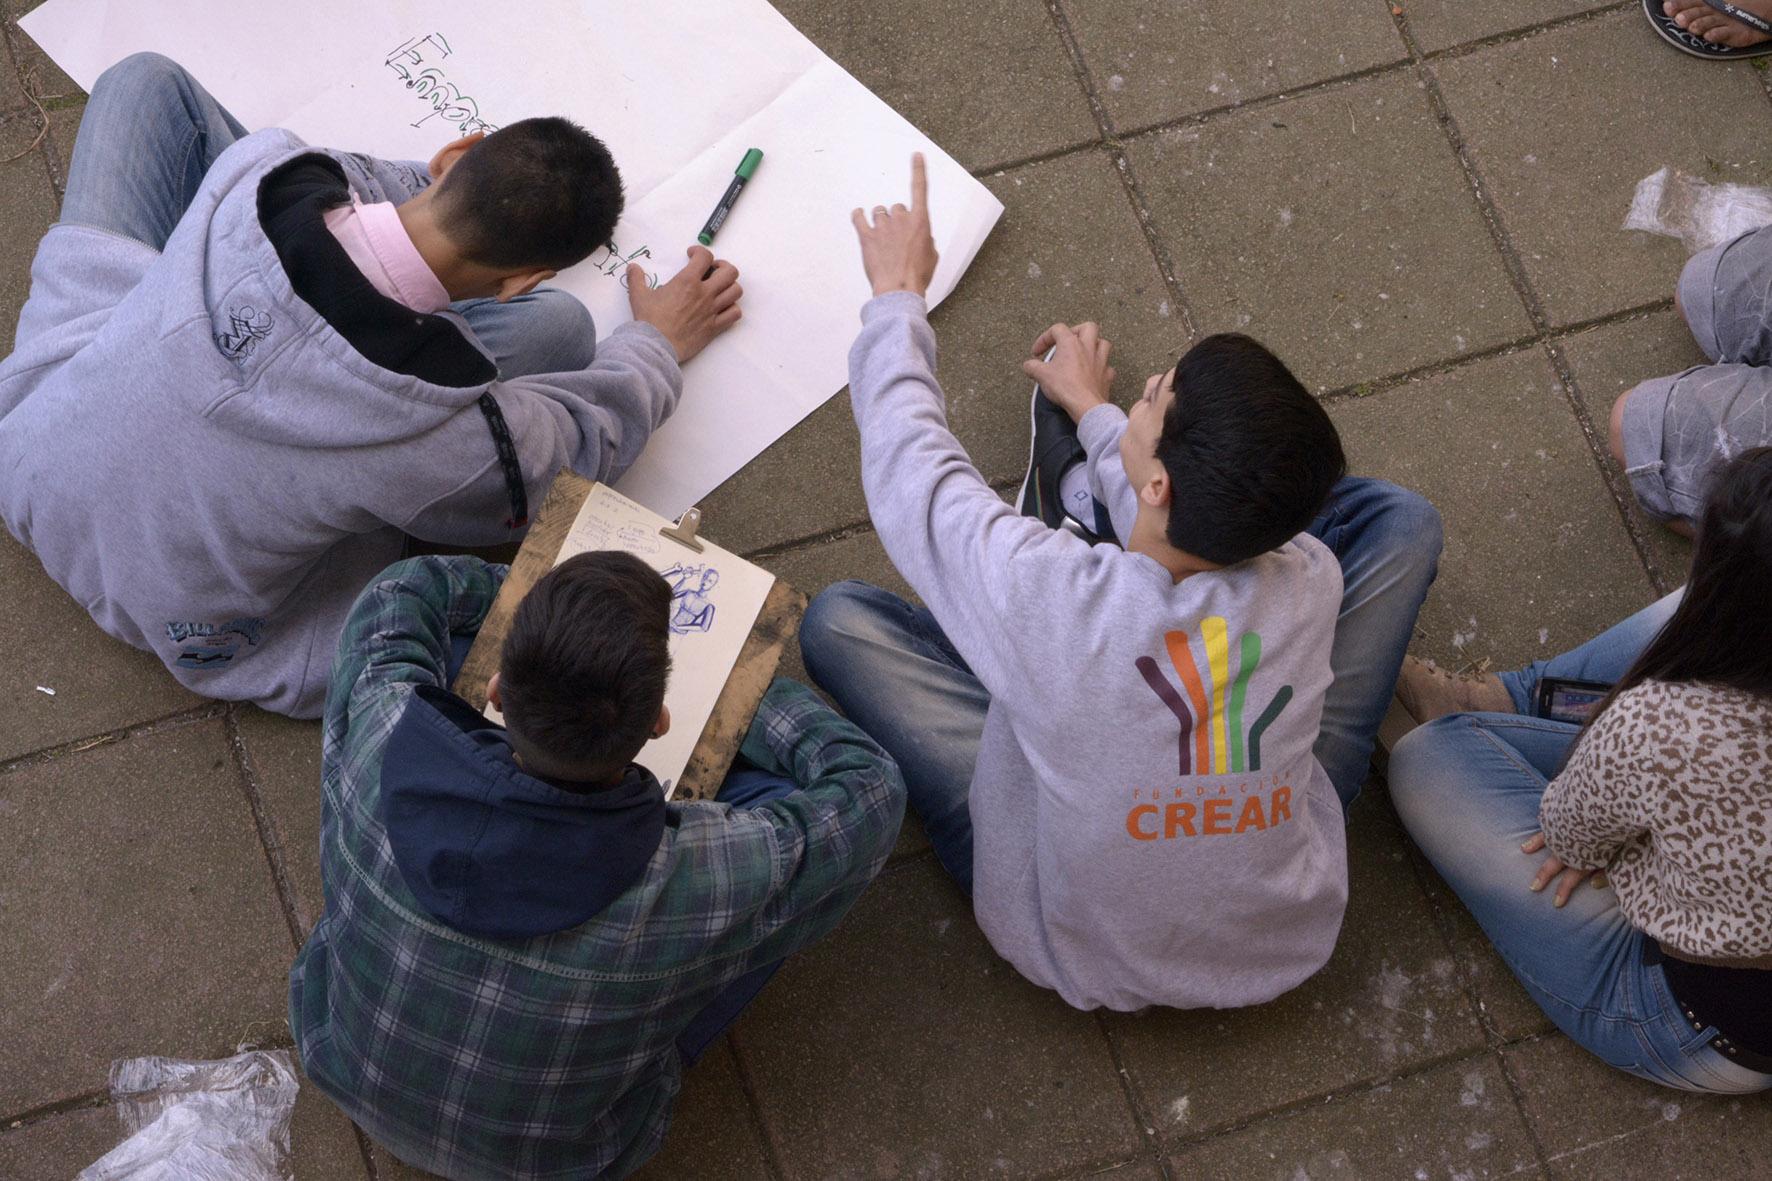 Crear inicia los talleres para jóvenes en conflicto con la ley